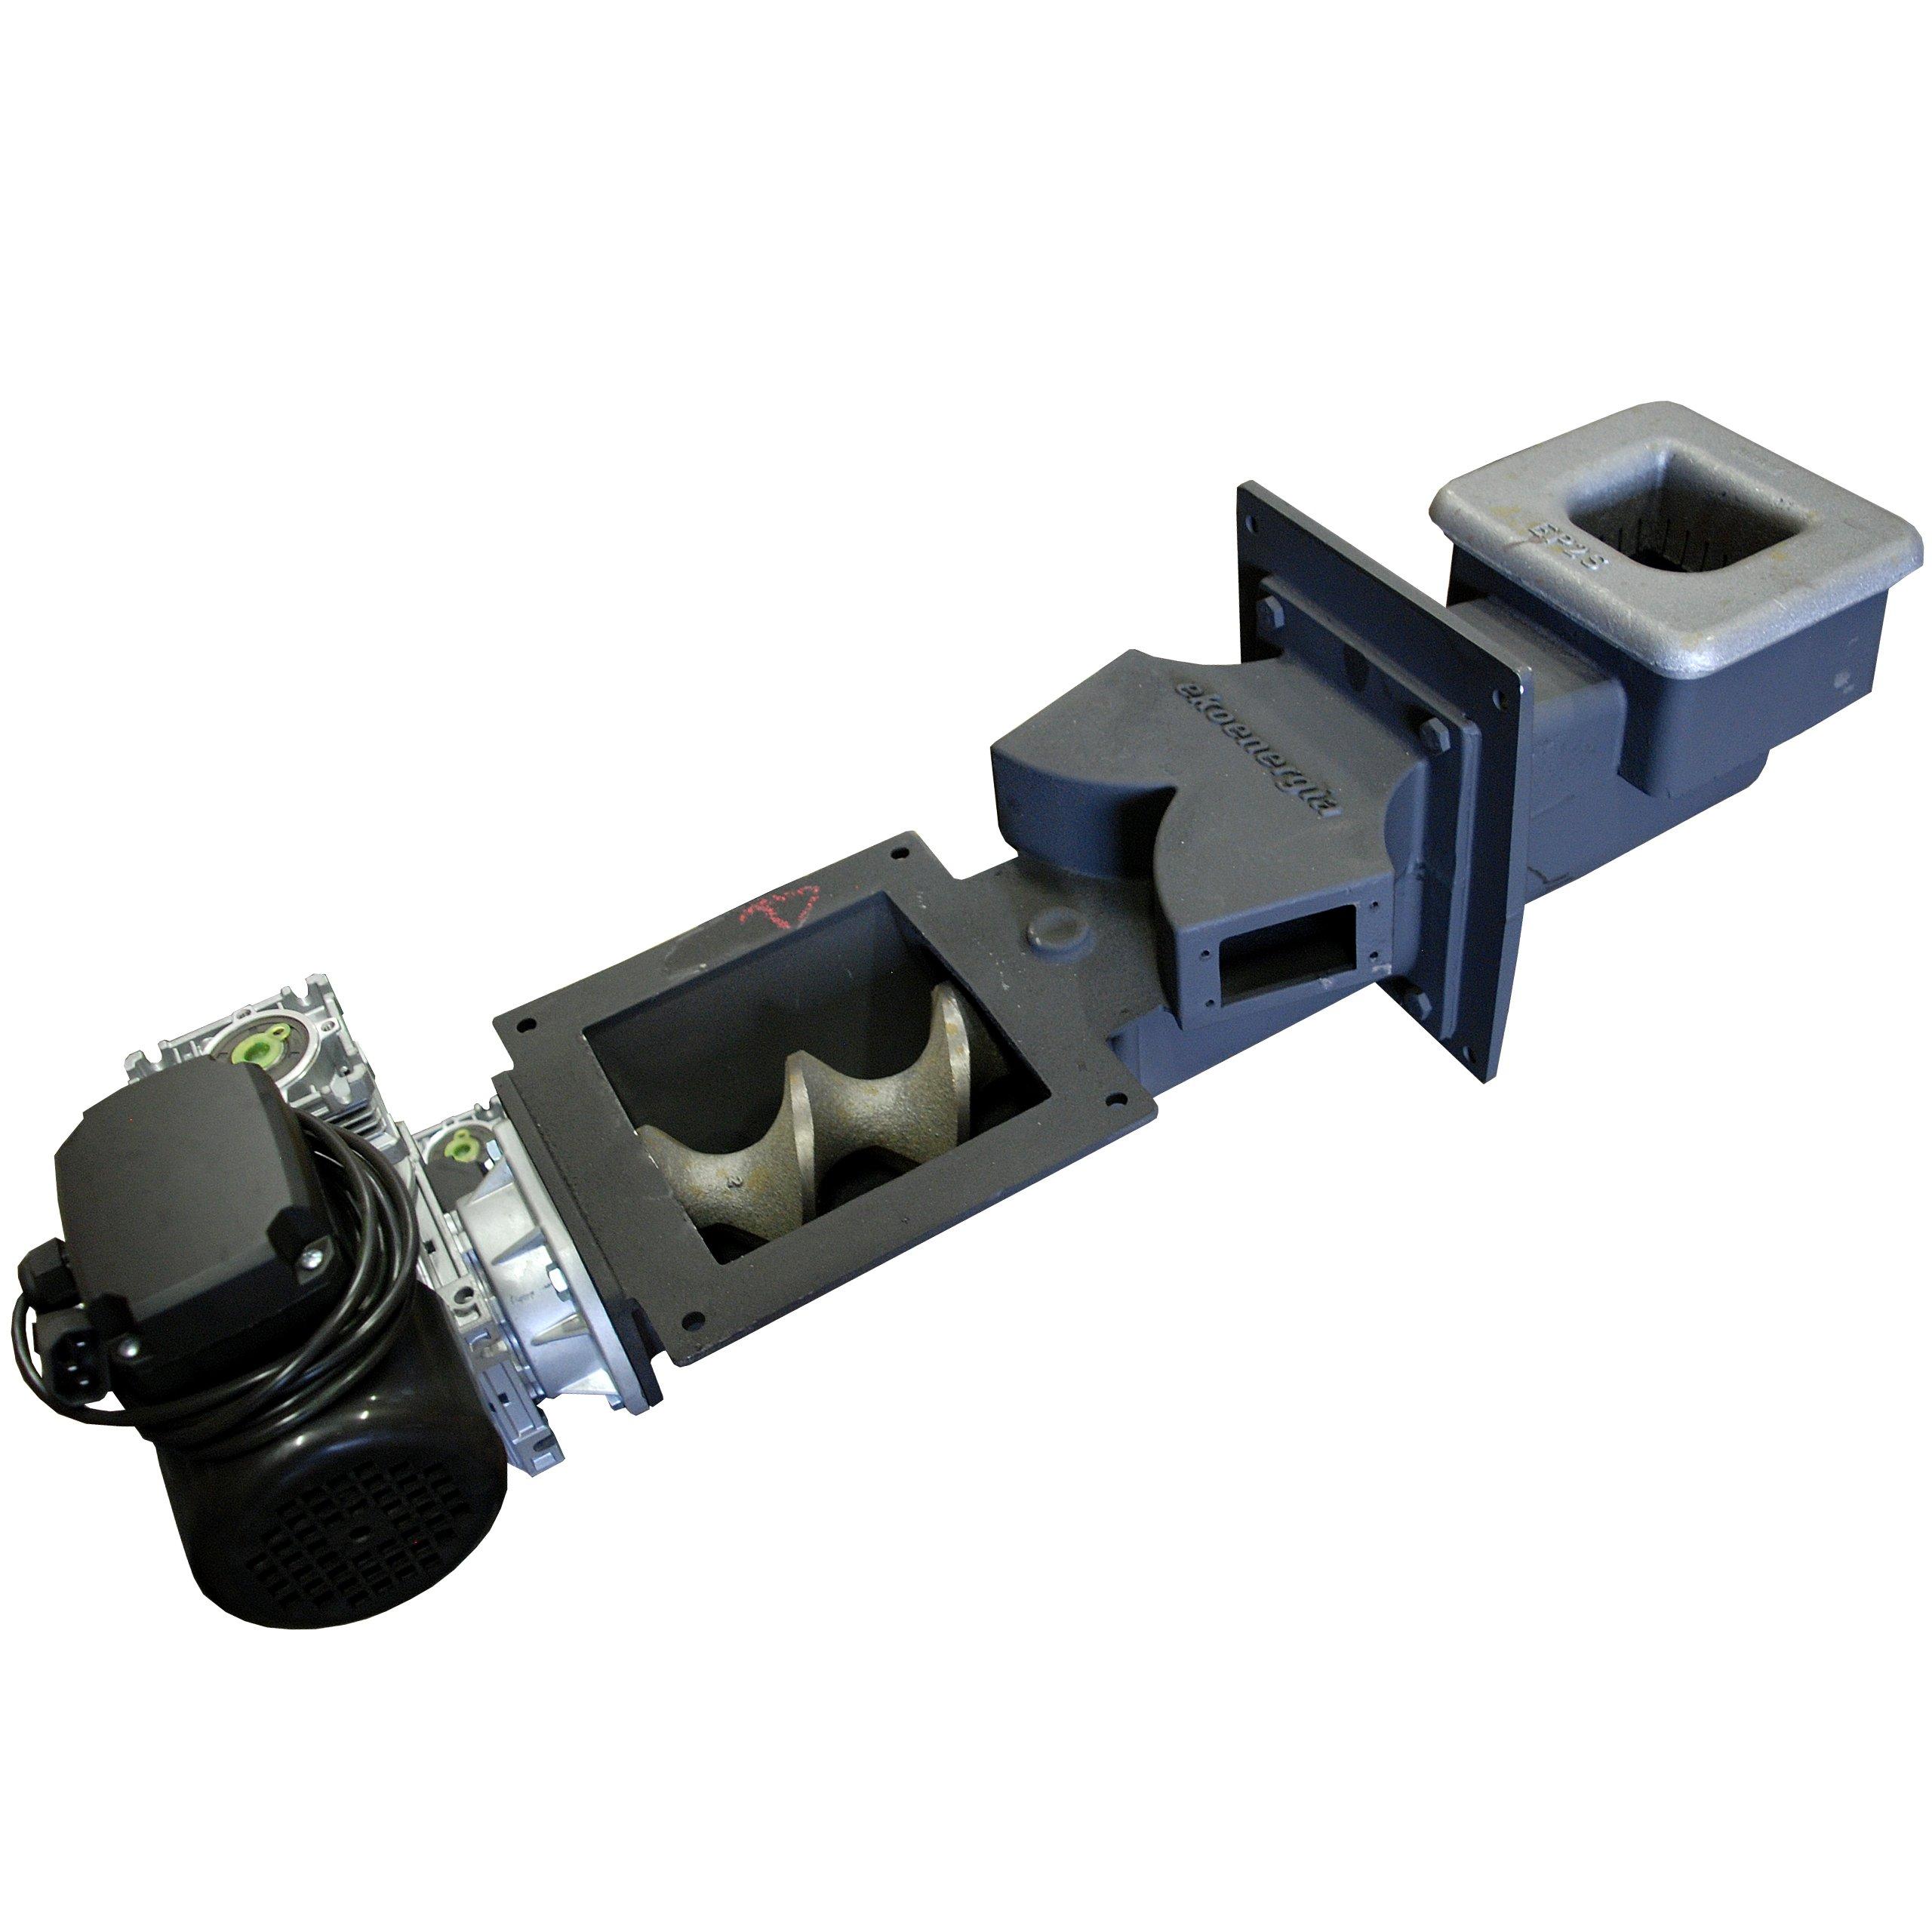 Podávač na ekologické hrachové uhlie a jemné uhlie EKOENERGIA 15 kW Typ sporáka: dvojfunkčný, dvojfunkčný, so zásobníkom teplej vody, jednoúčelová spaľovacia komora